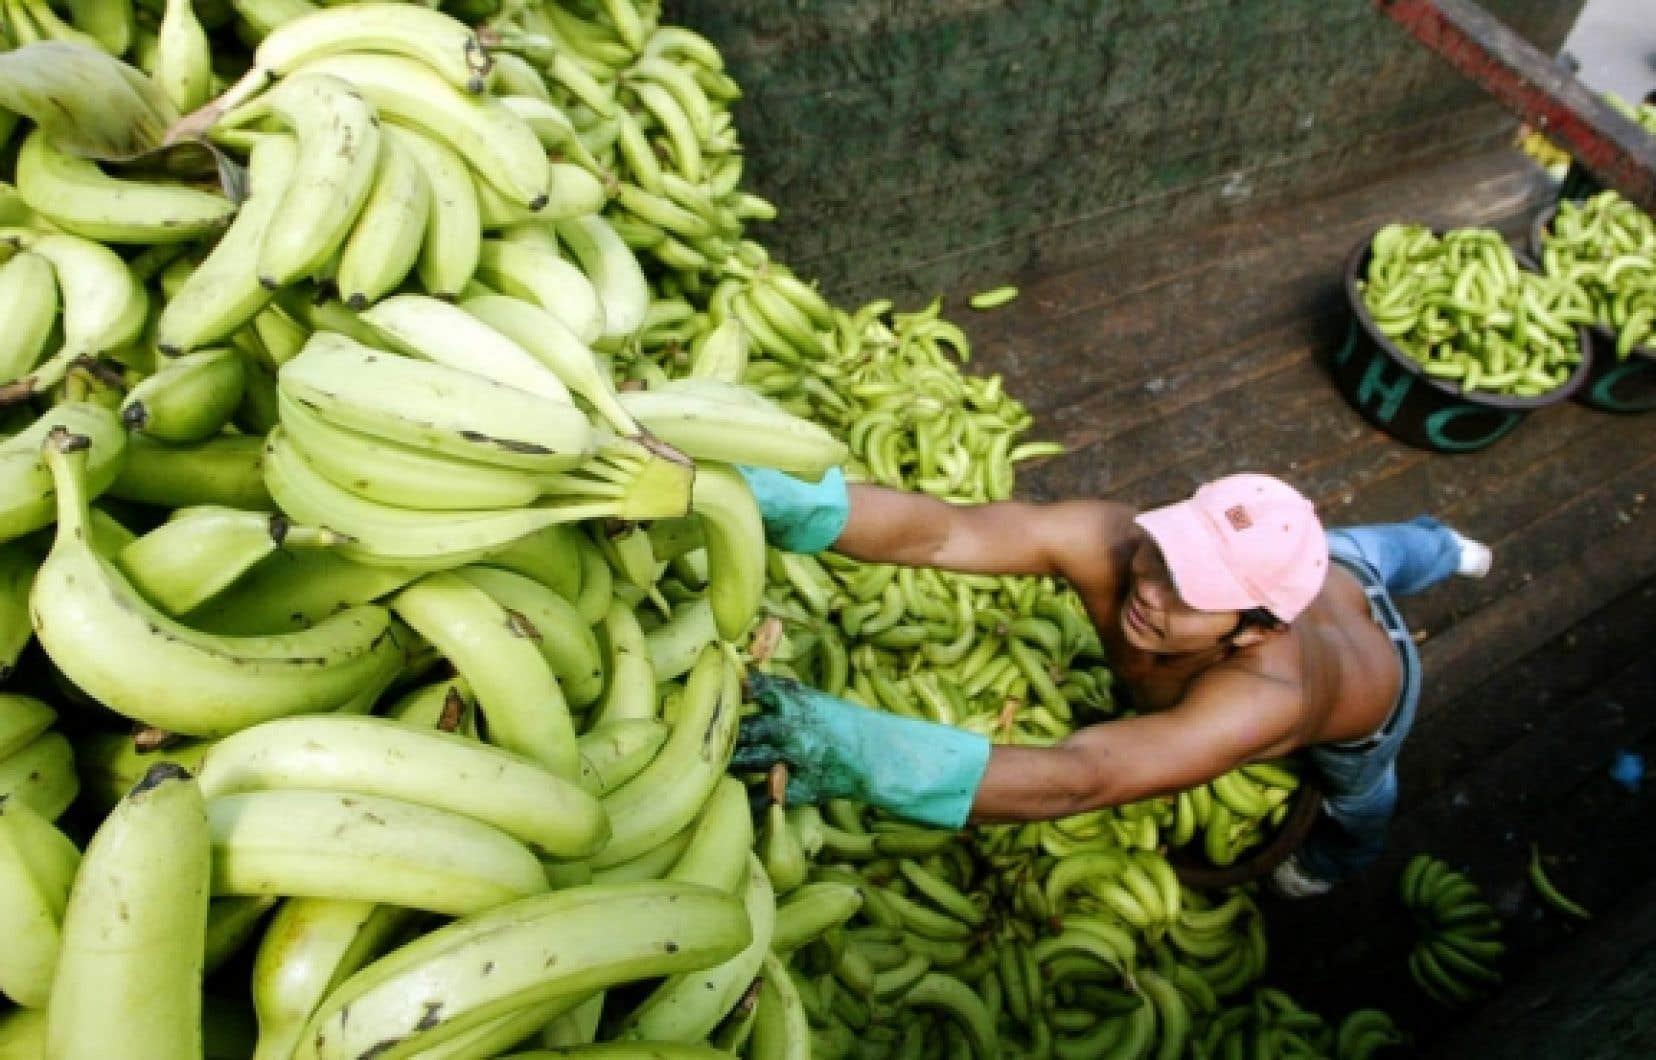 En 2008, les pays de la région Afrique-Caraïbes-Pacifique avaient exporté quelque 920 000 tonnes de bananes vers l'UE contre 3,9 millions de tonnes exportées par les grands producteurs tels que l'Équateur, le Brésil, le Costa Rica, le Guatemala, le Honduras...